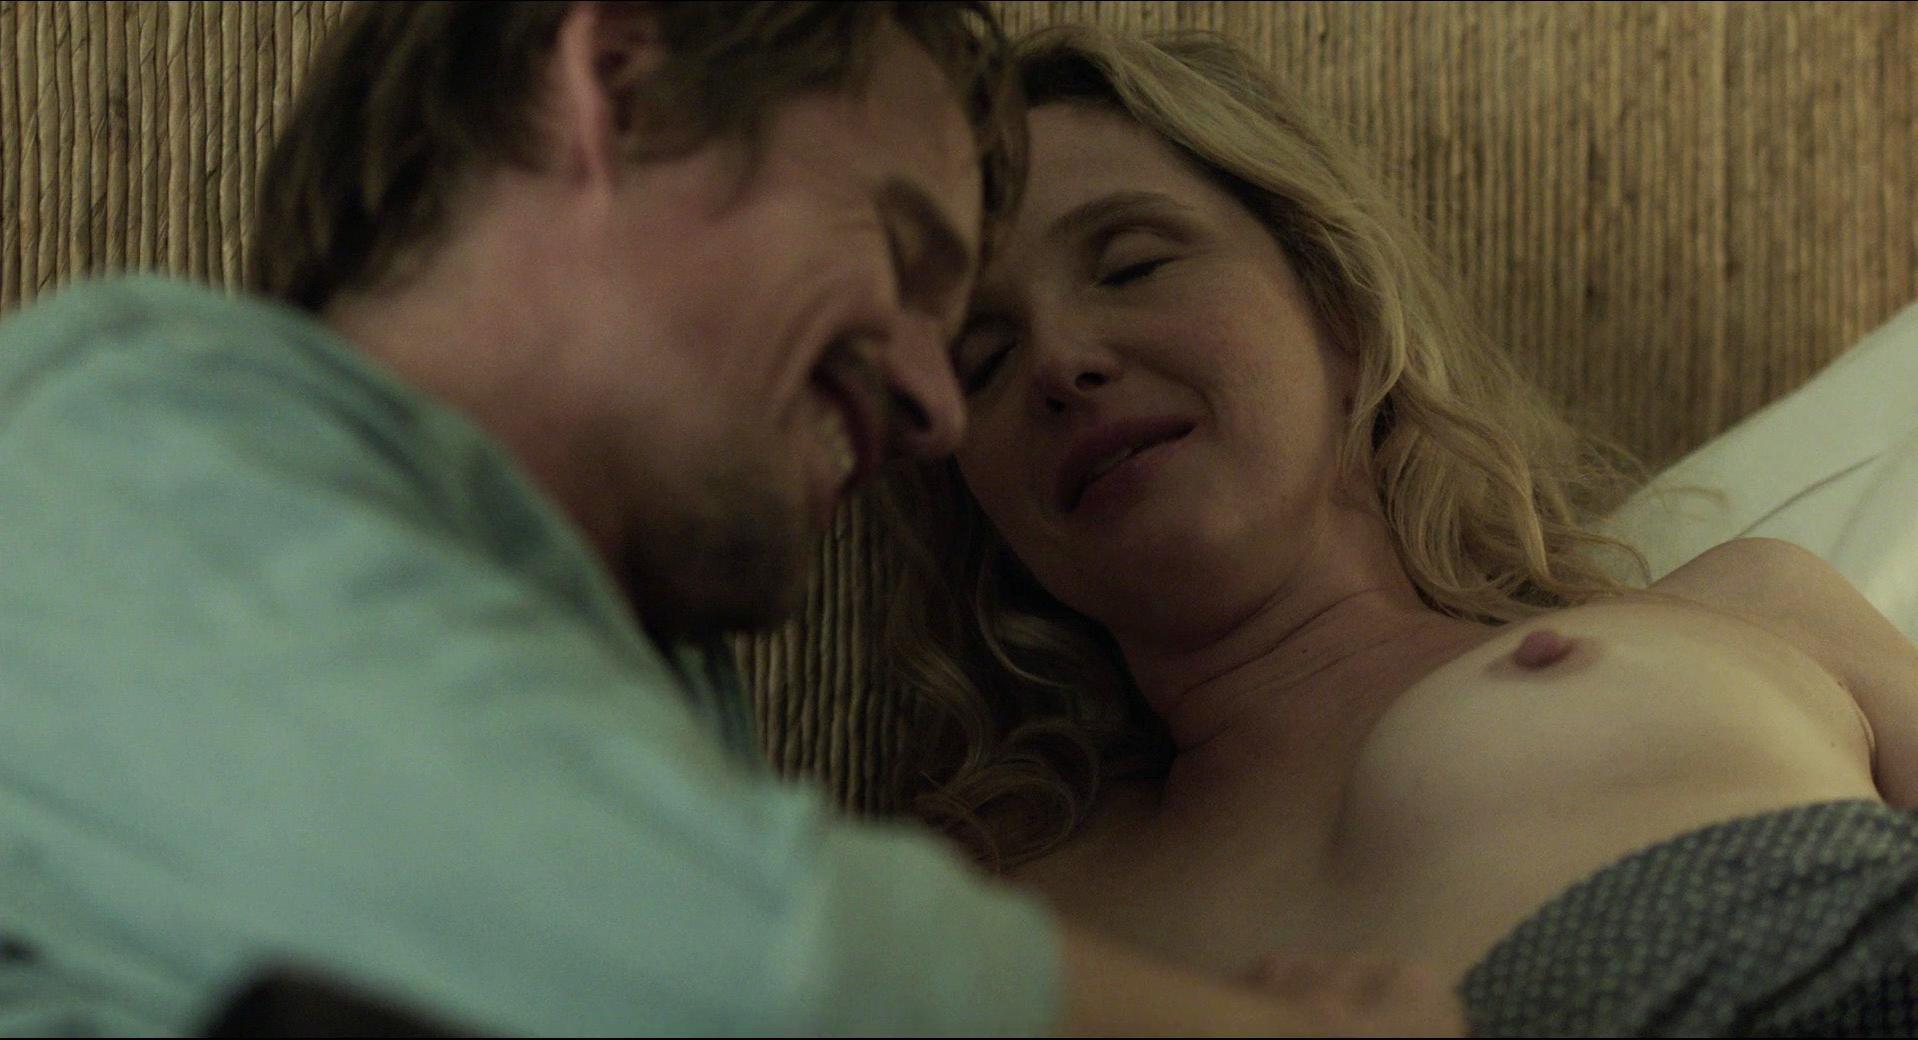 midnight-sex-scene